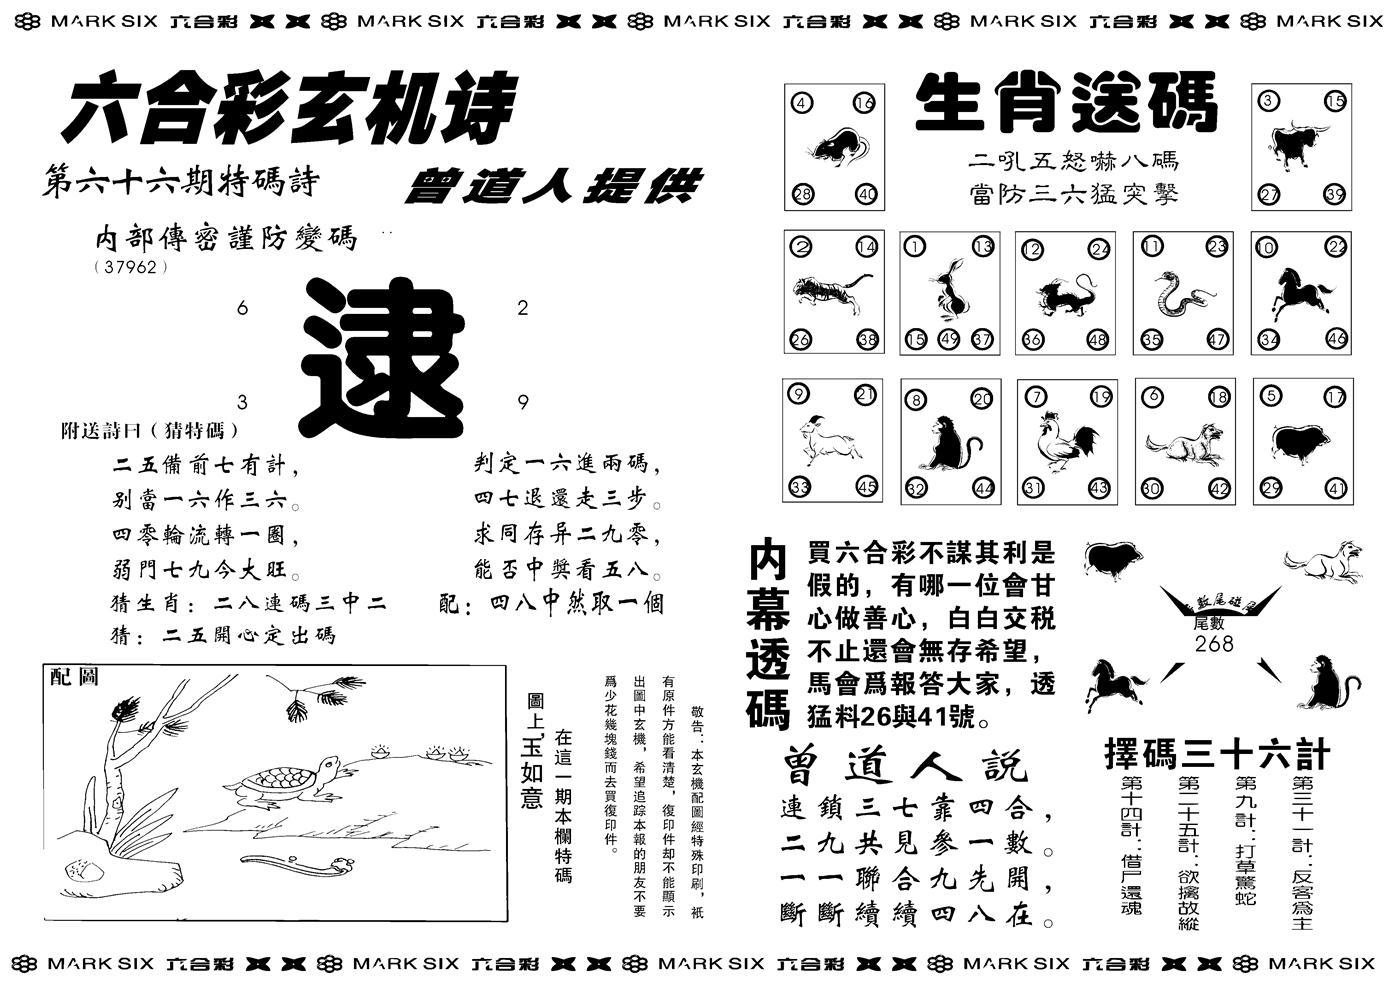 066期新内幕B(黑白)